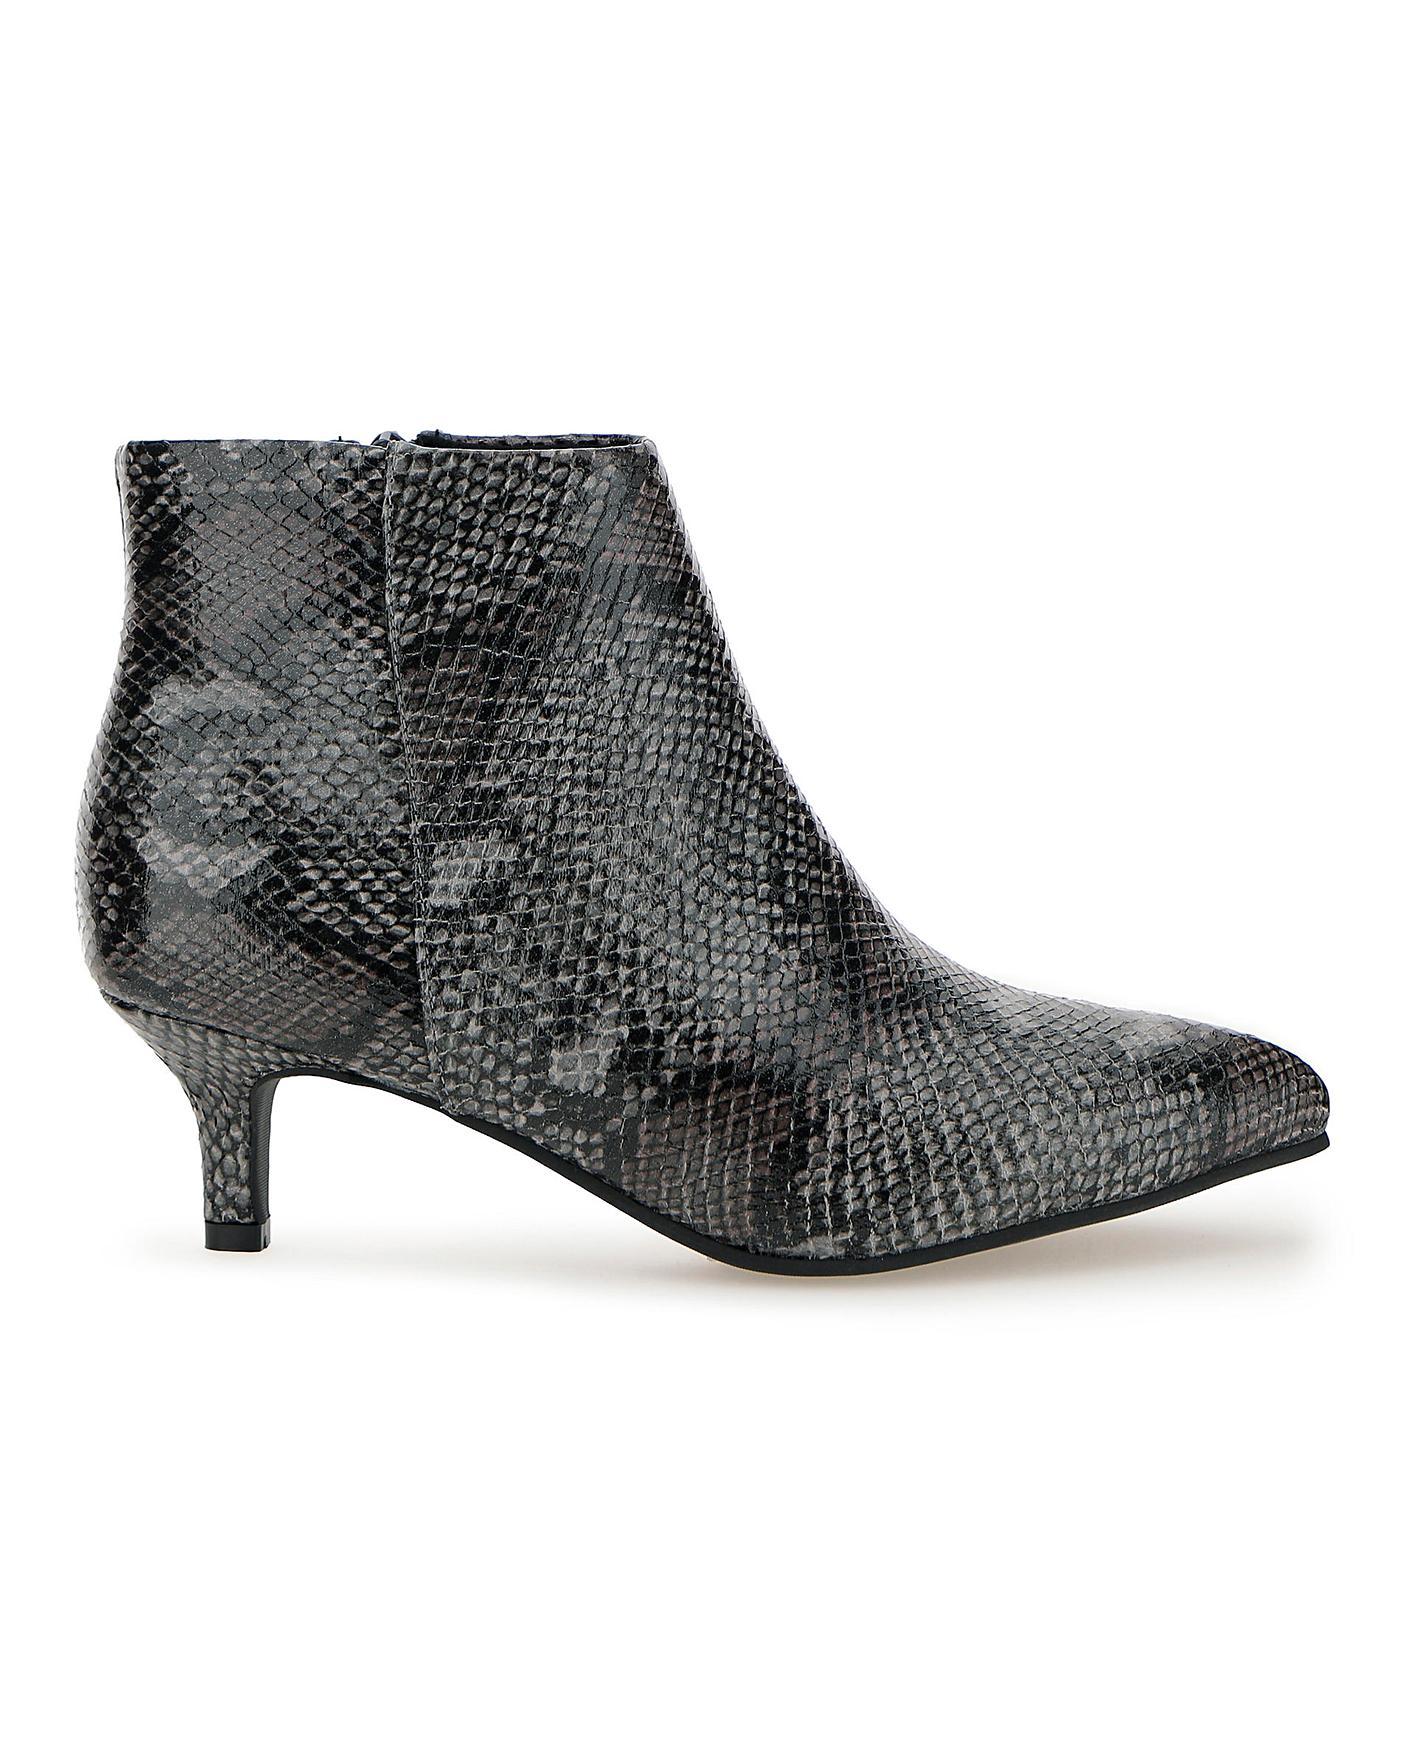 Flexi Sole Kitten Heel Ankle Boots E